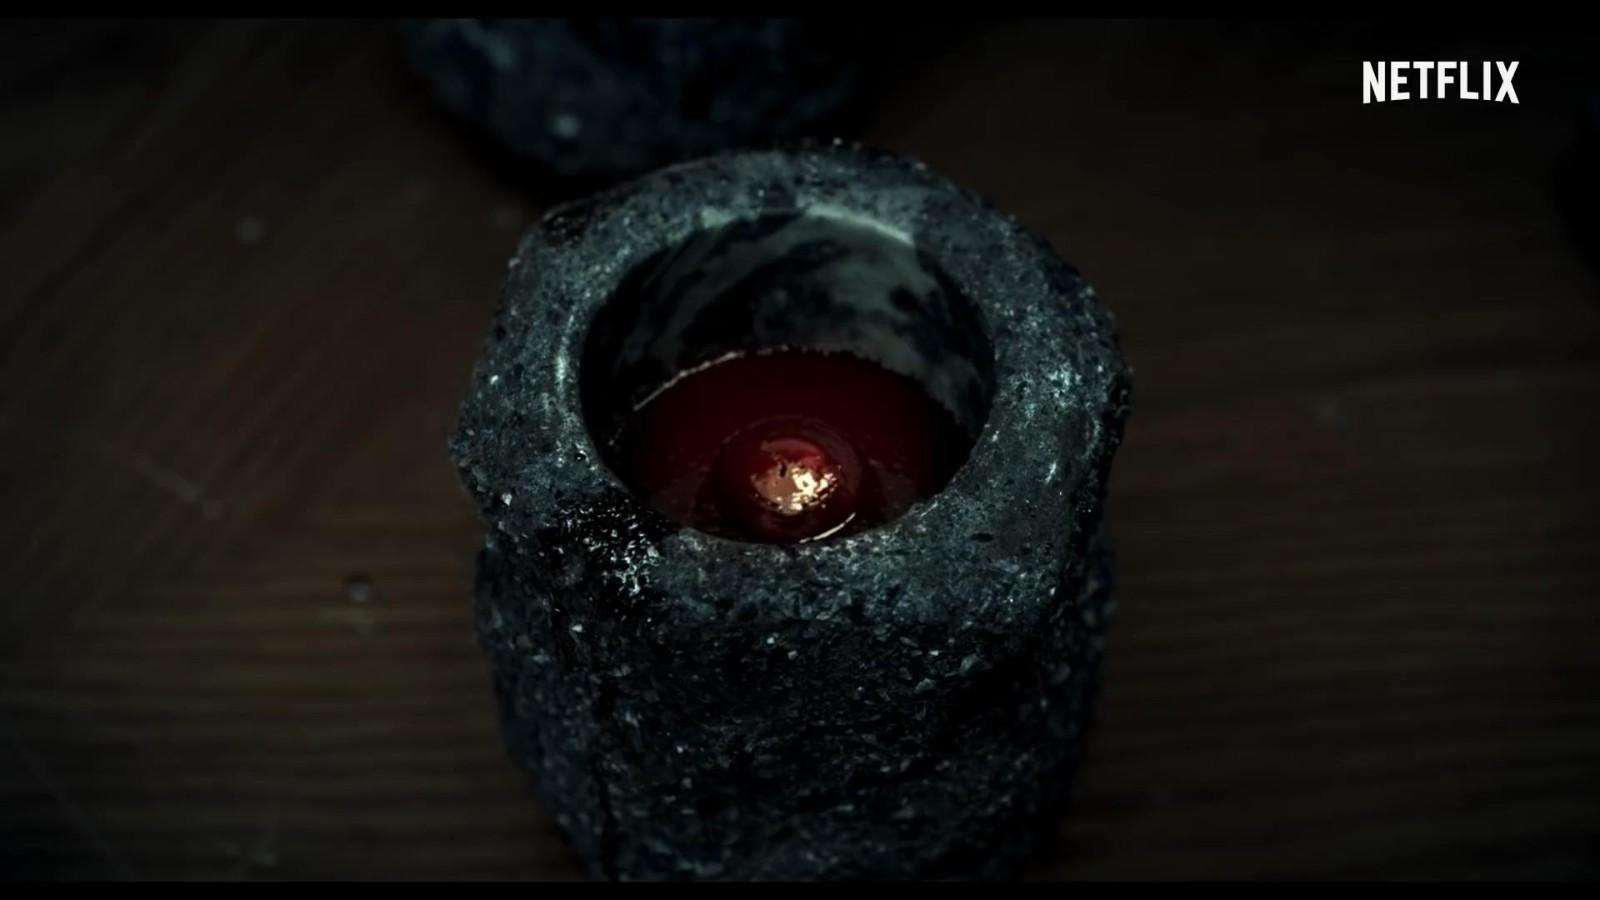 韩国恐怖片《第八天之夜》正式预告 胆小者慎入